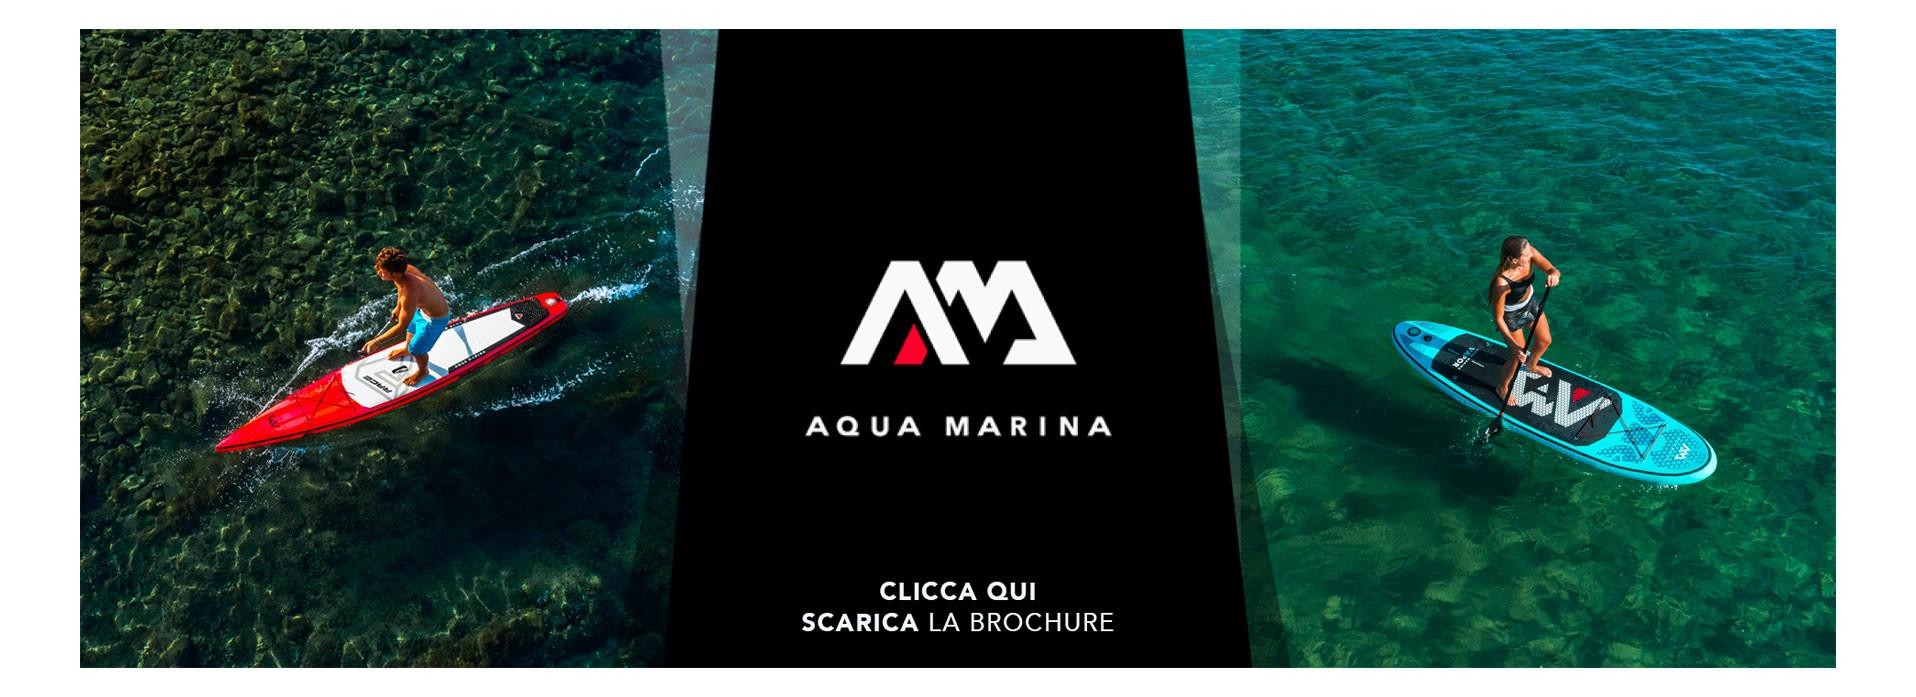 CLICCA QUI e Scarica la Brochure Aqua Marina